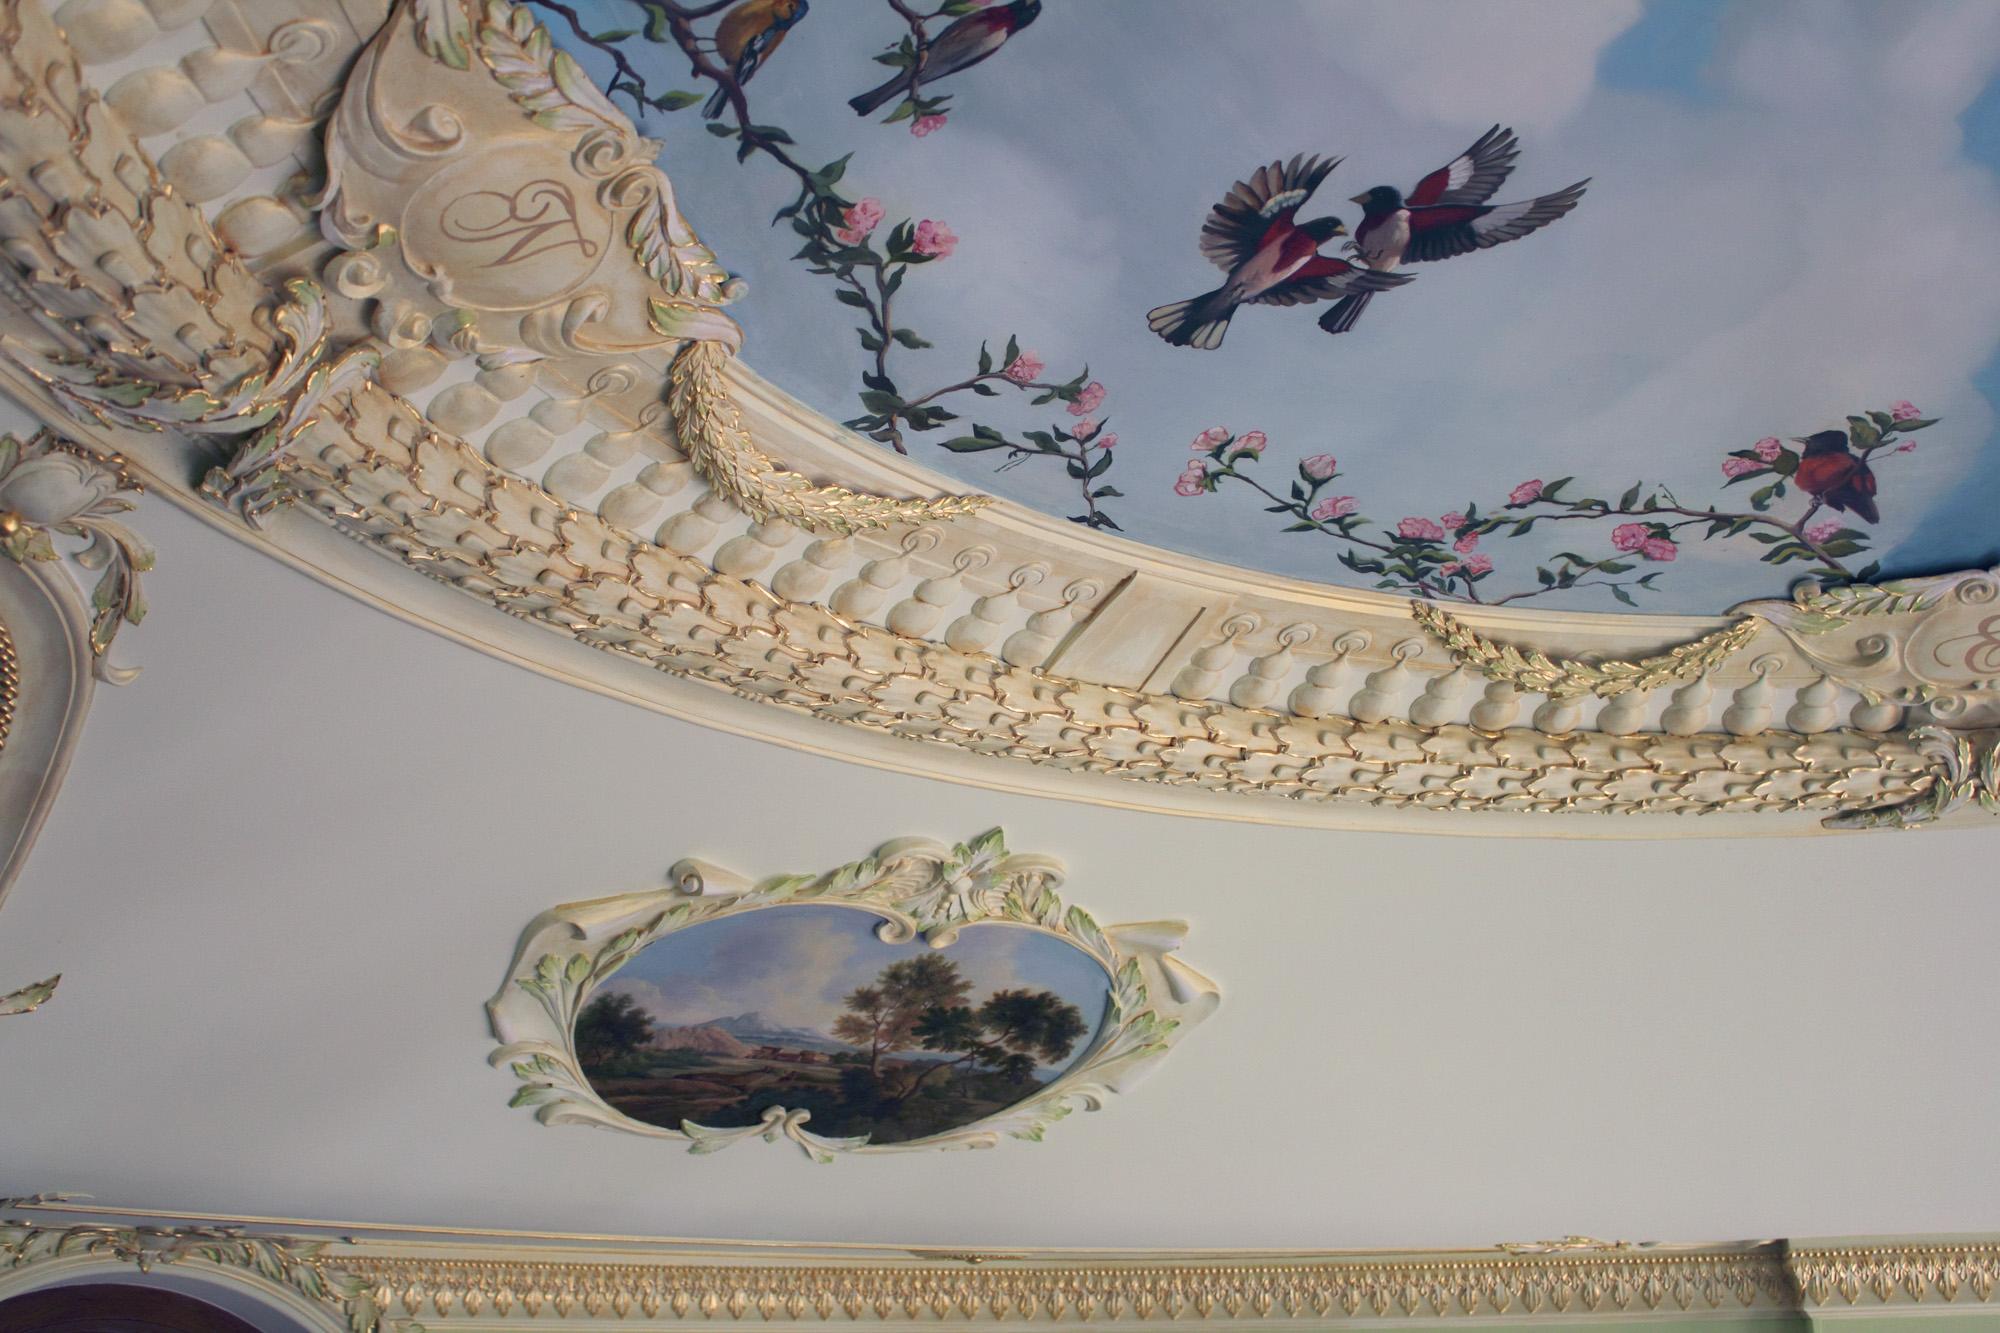 Роспись Художественная Ручная Деревянного Потолка в Квартире Или Доме